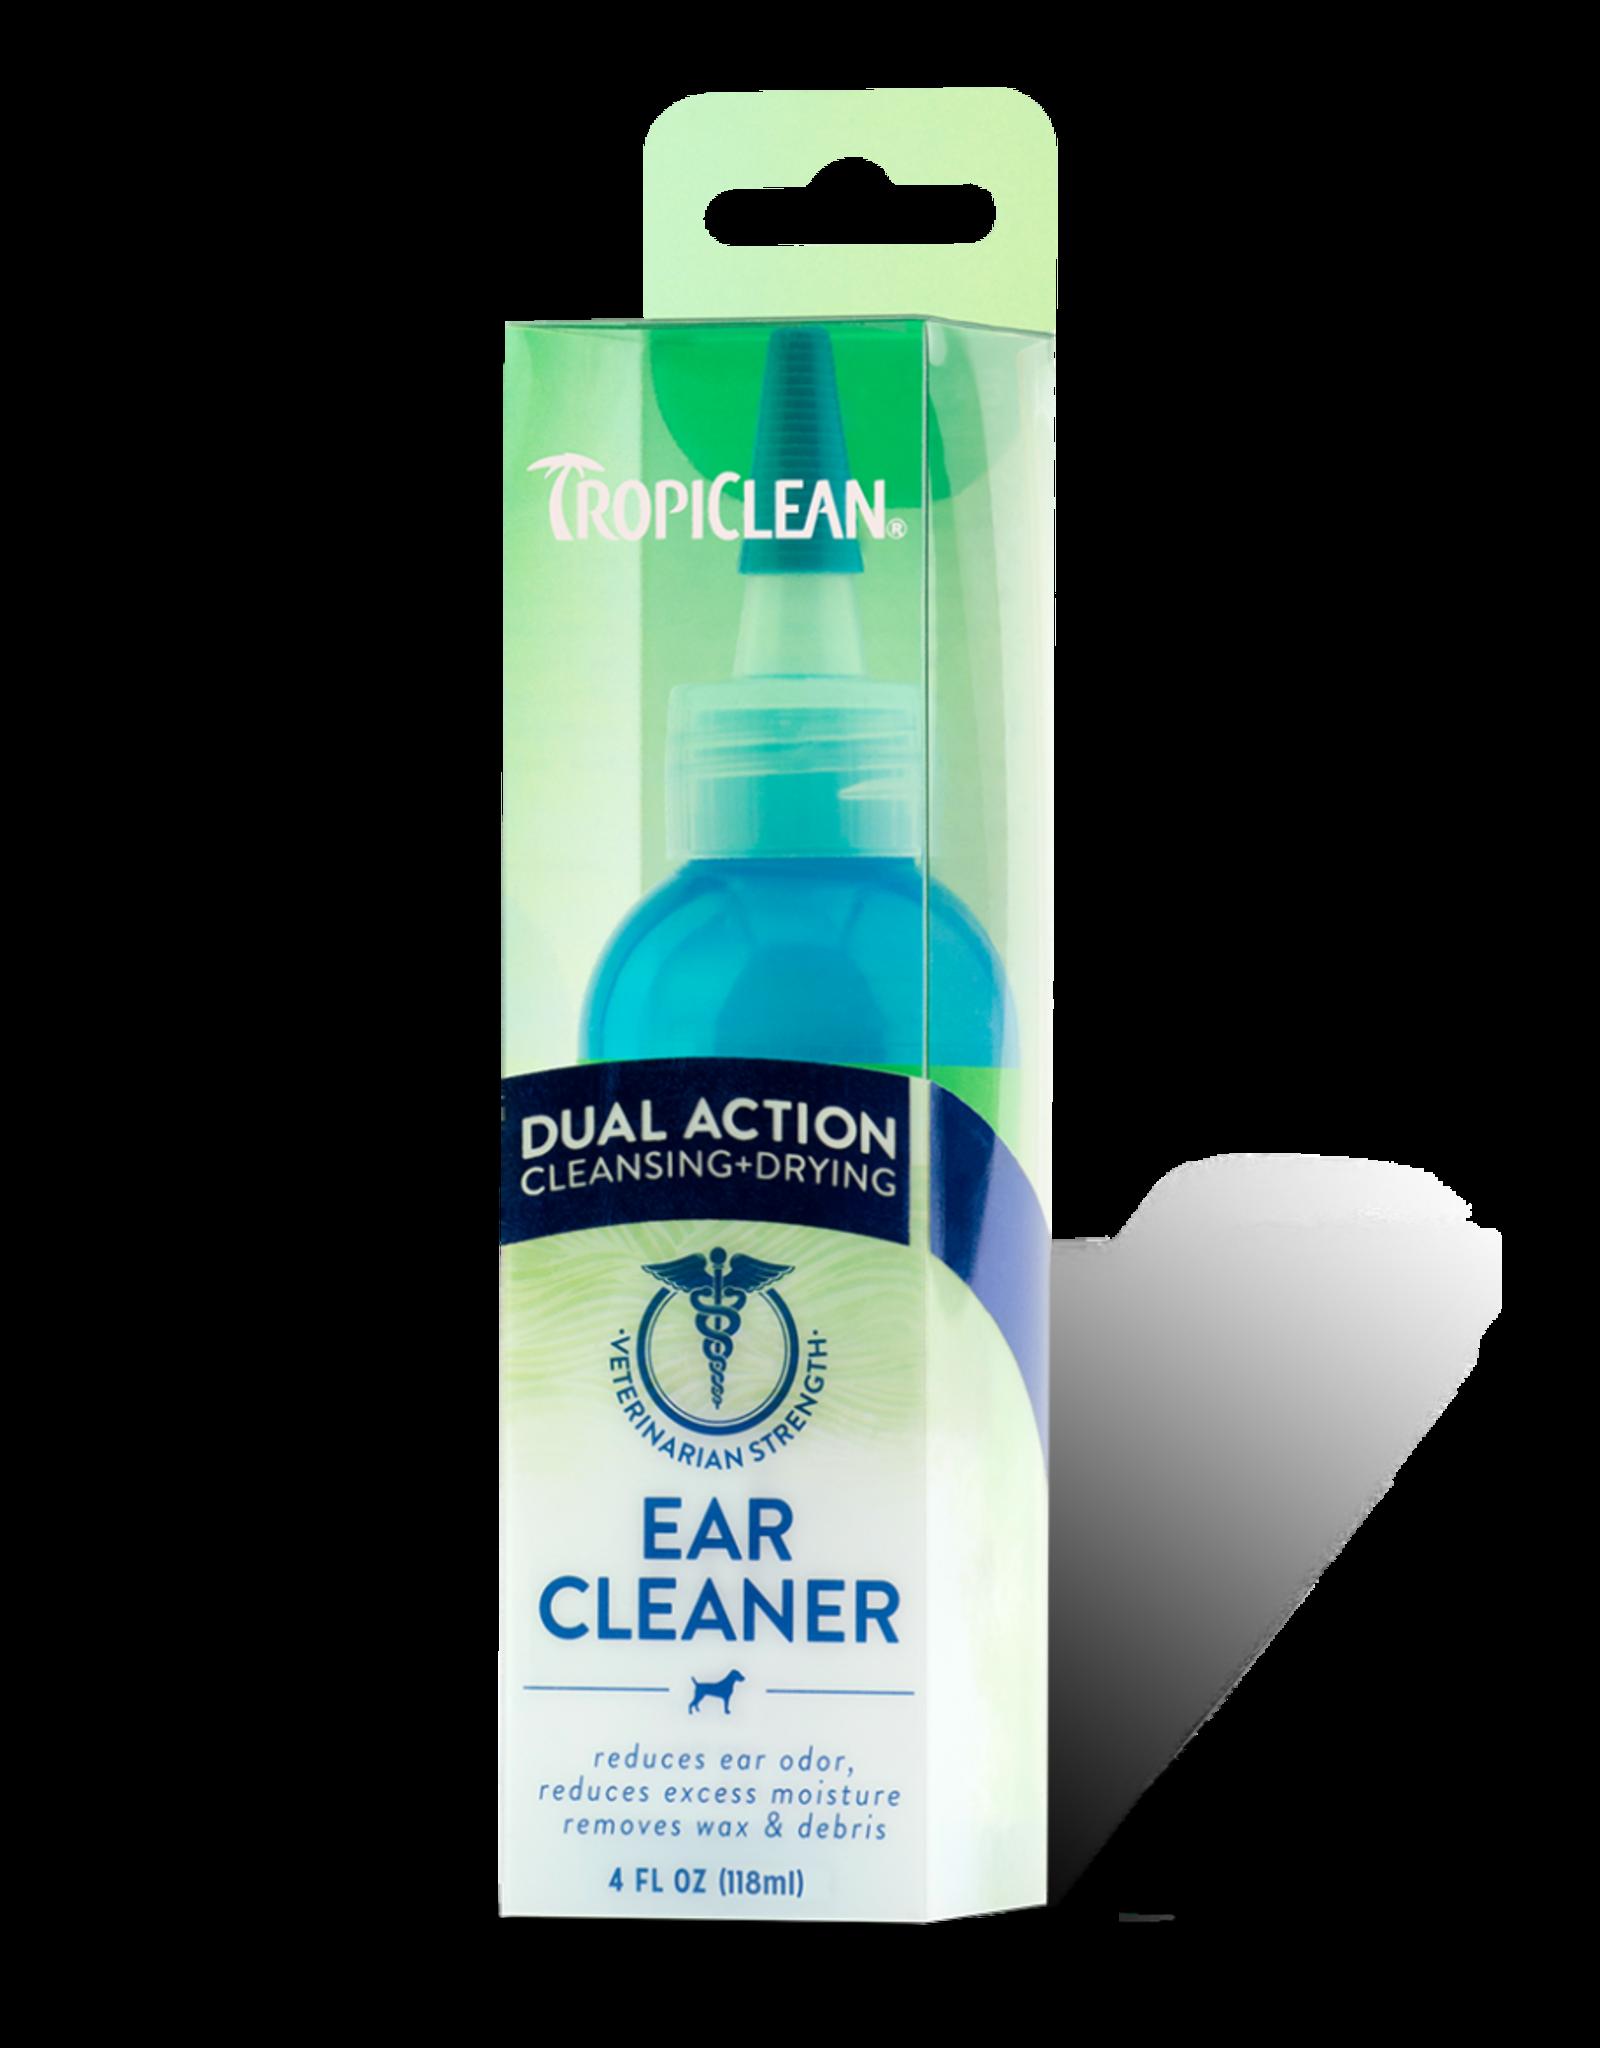 Tropiclean Tropiclean Dual Action Ear Cleaner 4oz